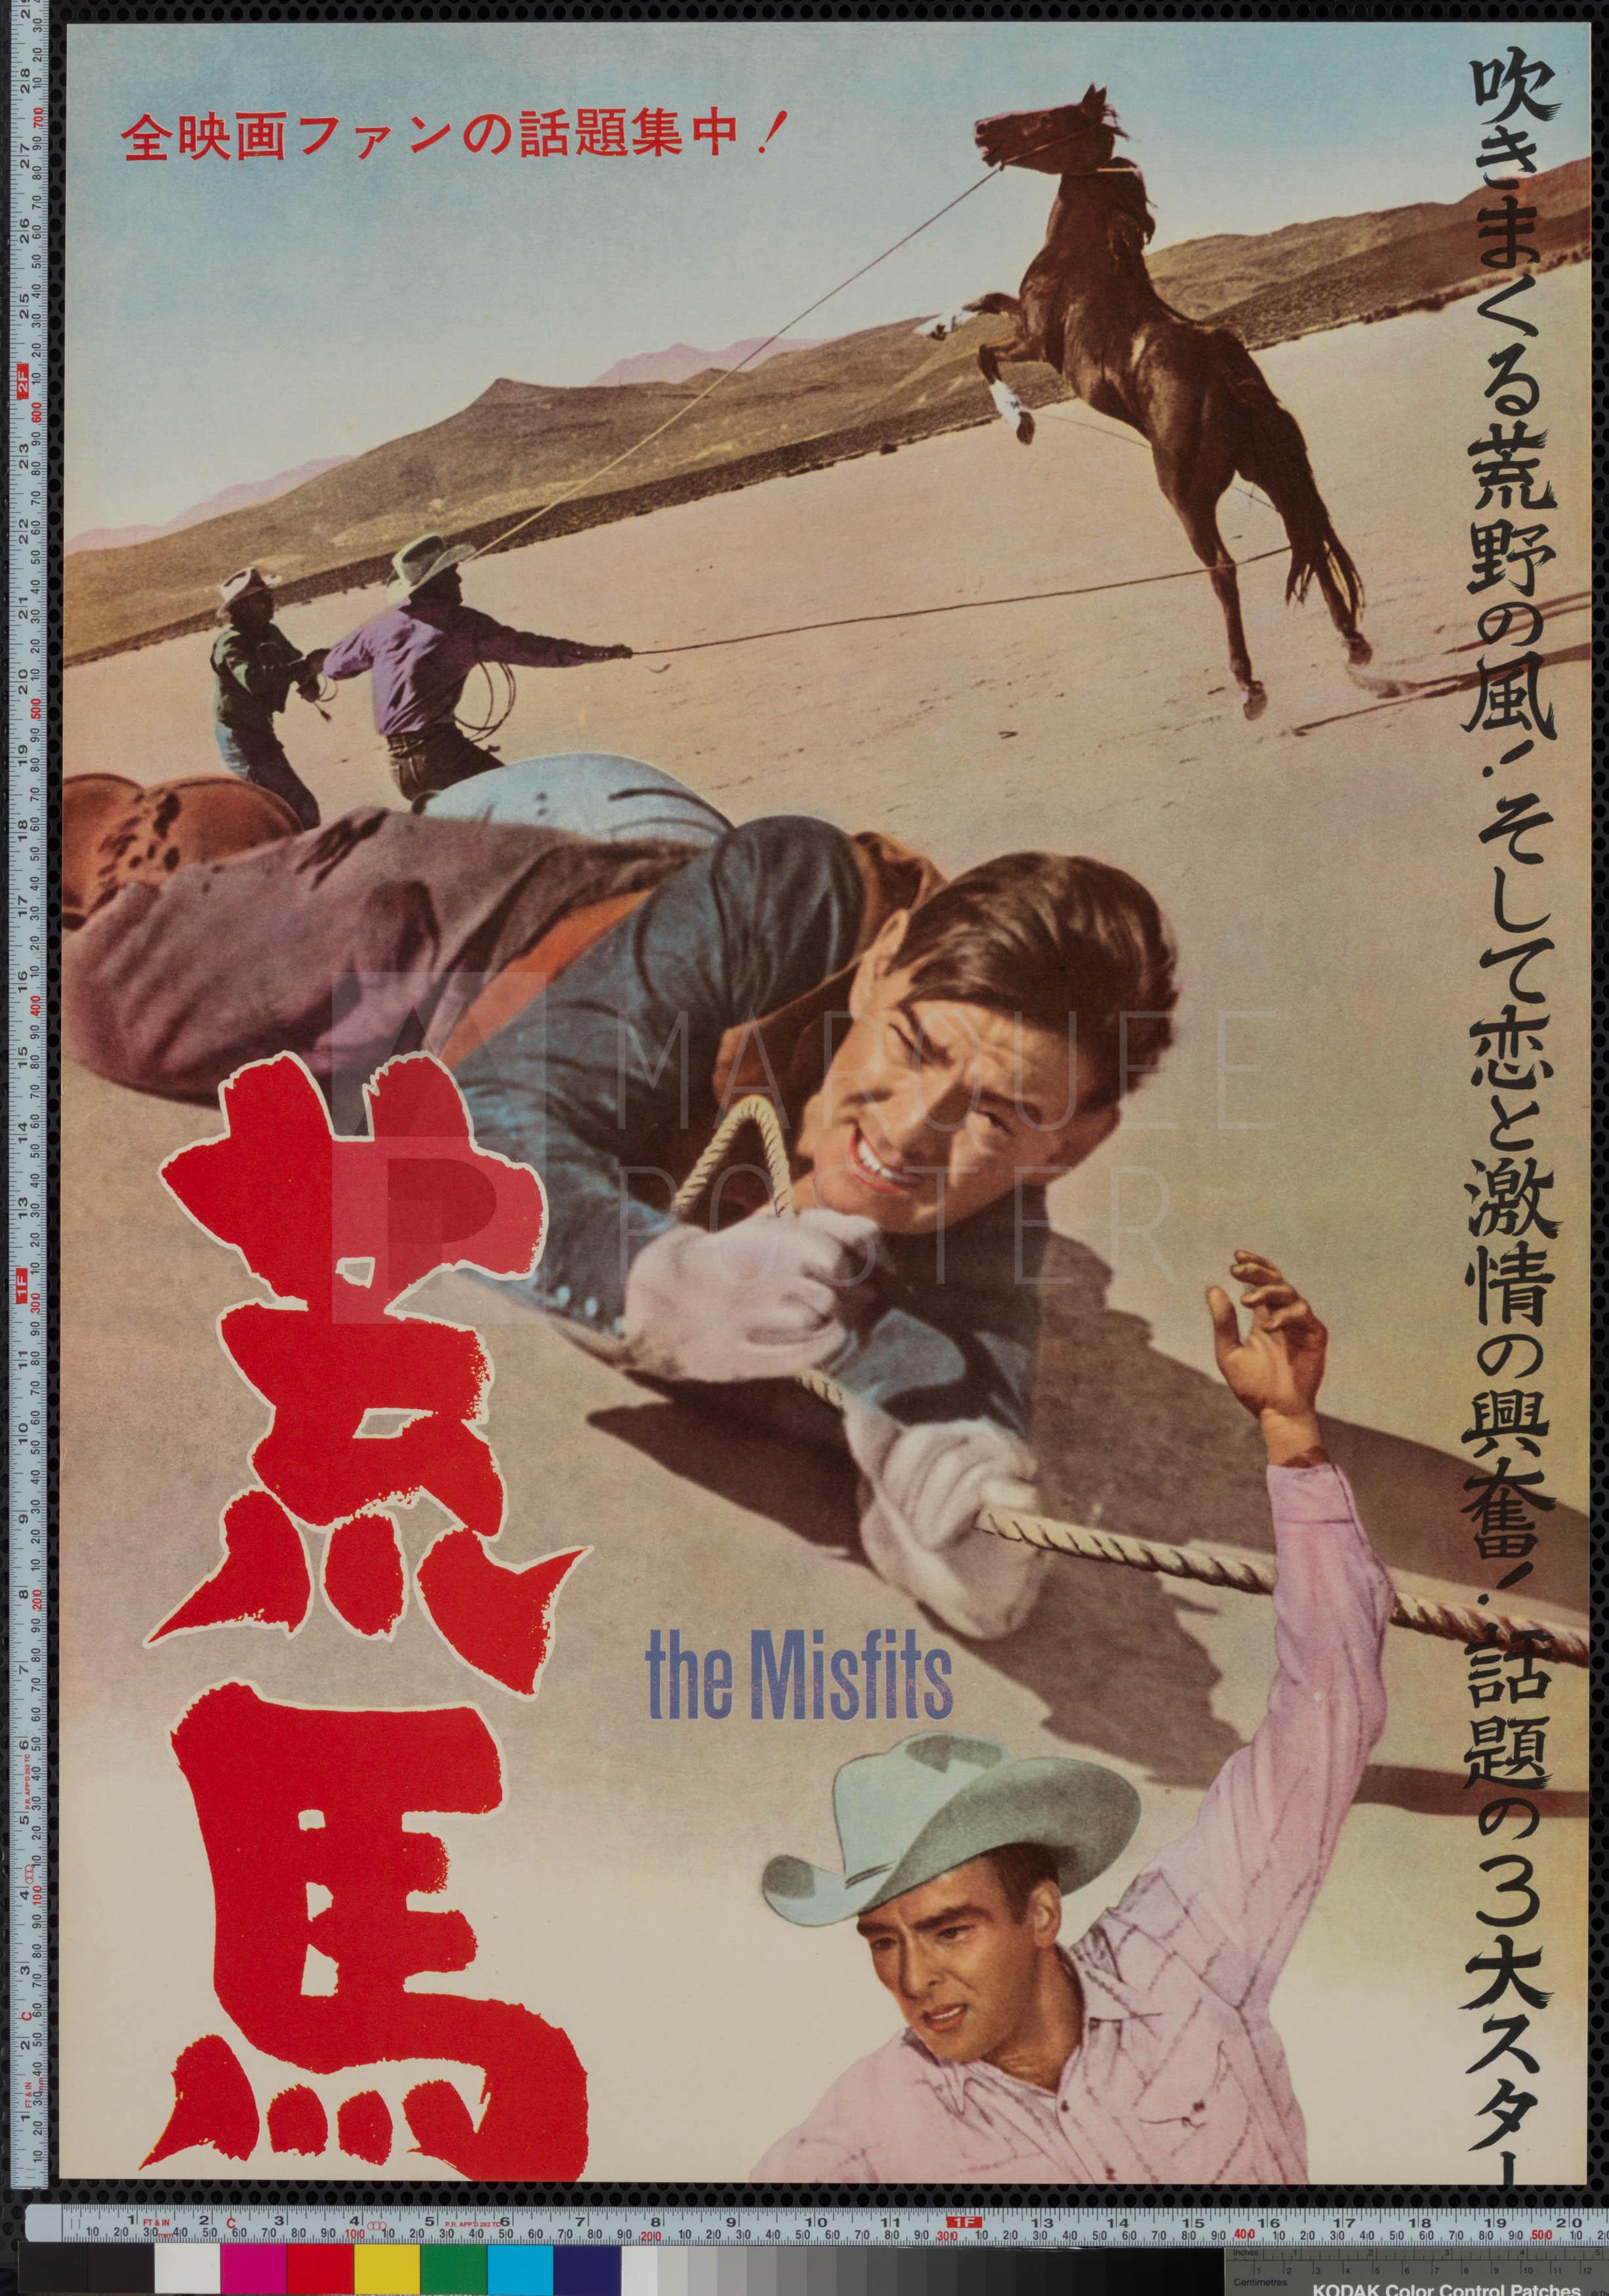 60-misfits-japanese-stb-1961-02